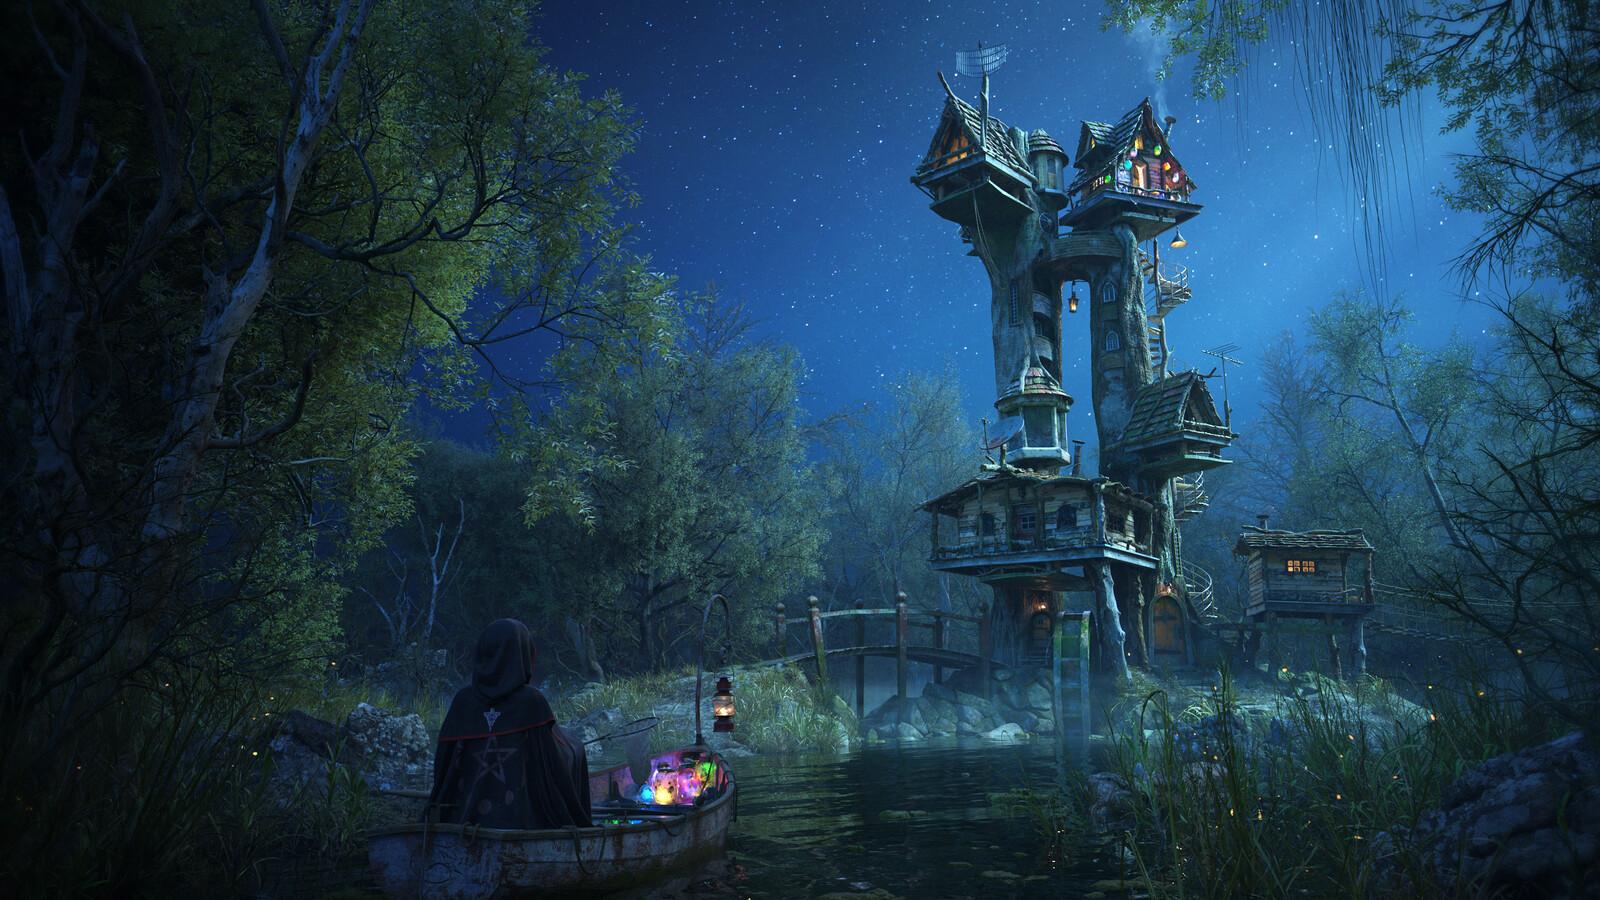 Whimsical Return - Pixar's Woodville Art Challenge